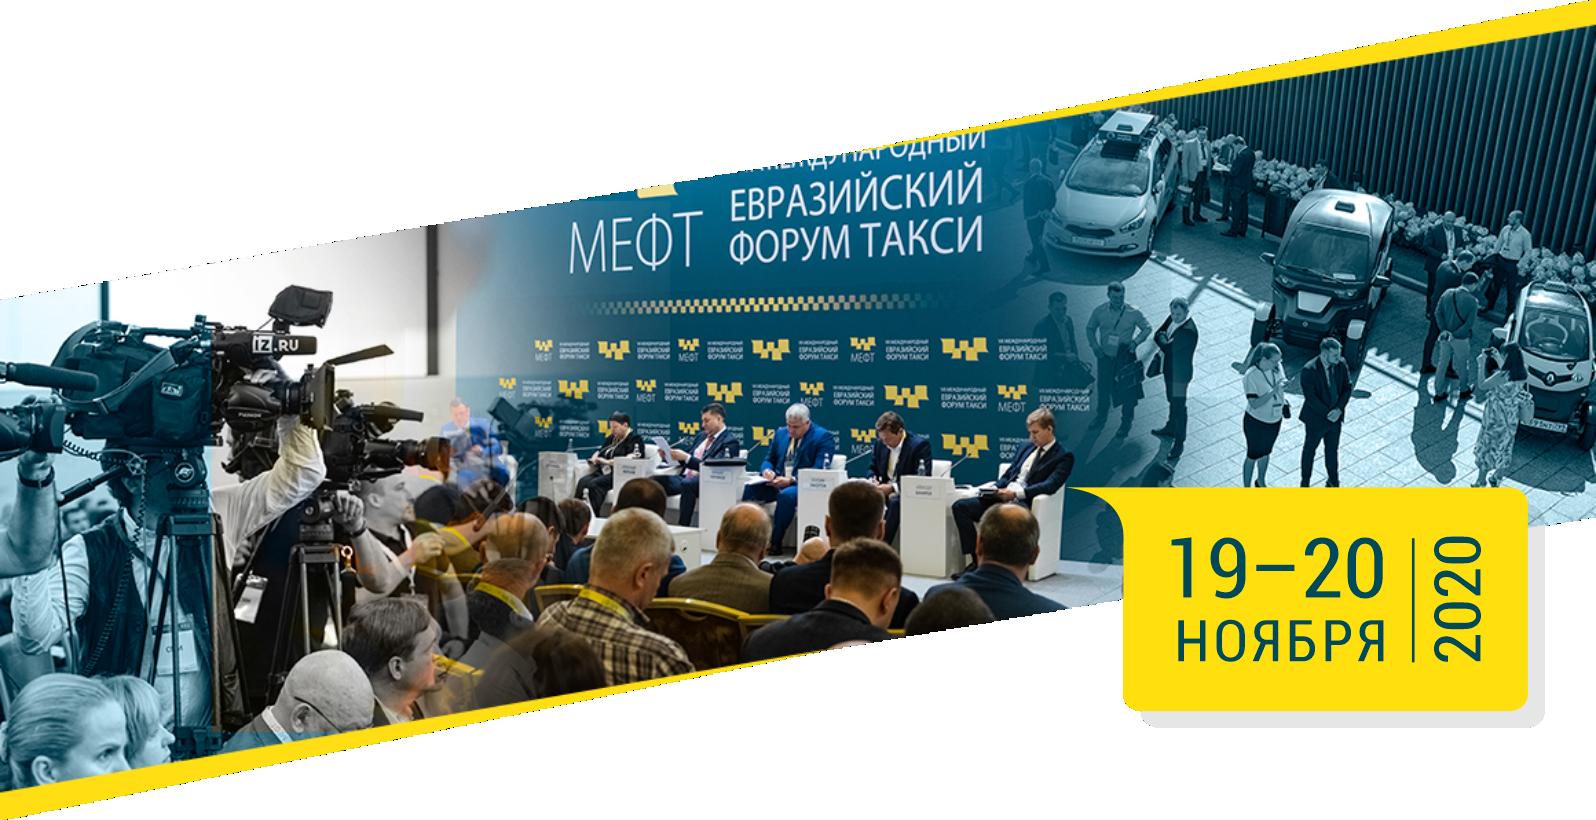 Как с помощью аналитики обеспечить безопасность пассажирских перевозок. Итоги VIII Международного Евразийского форума «ТАКСИ»